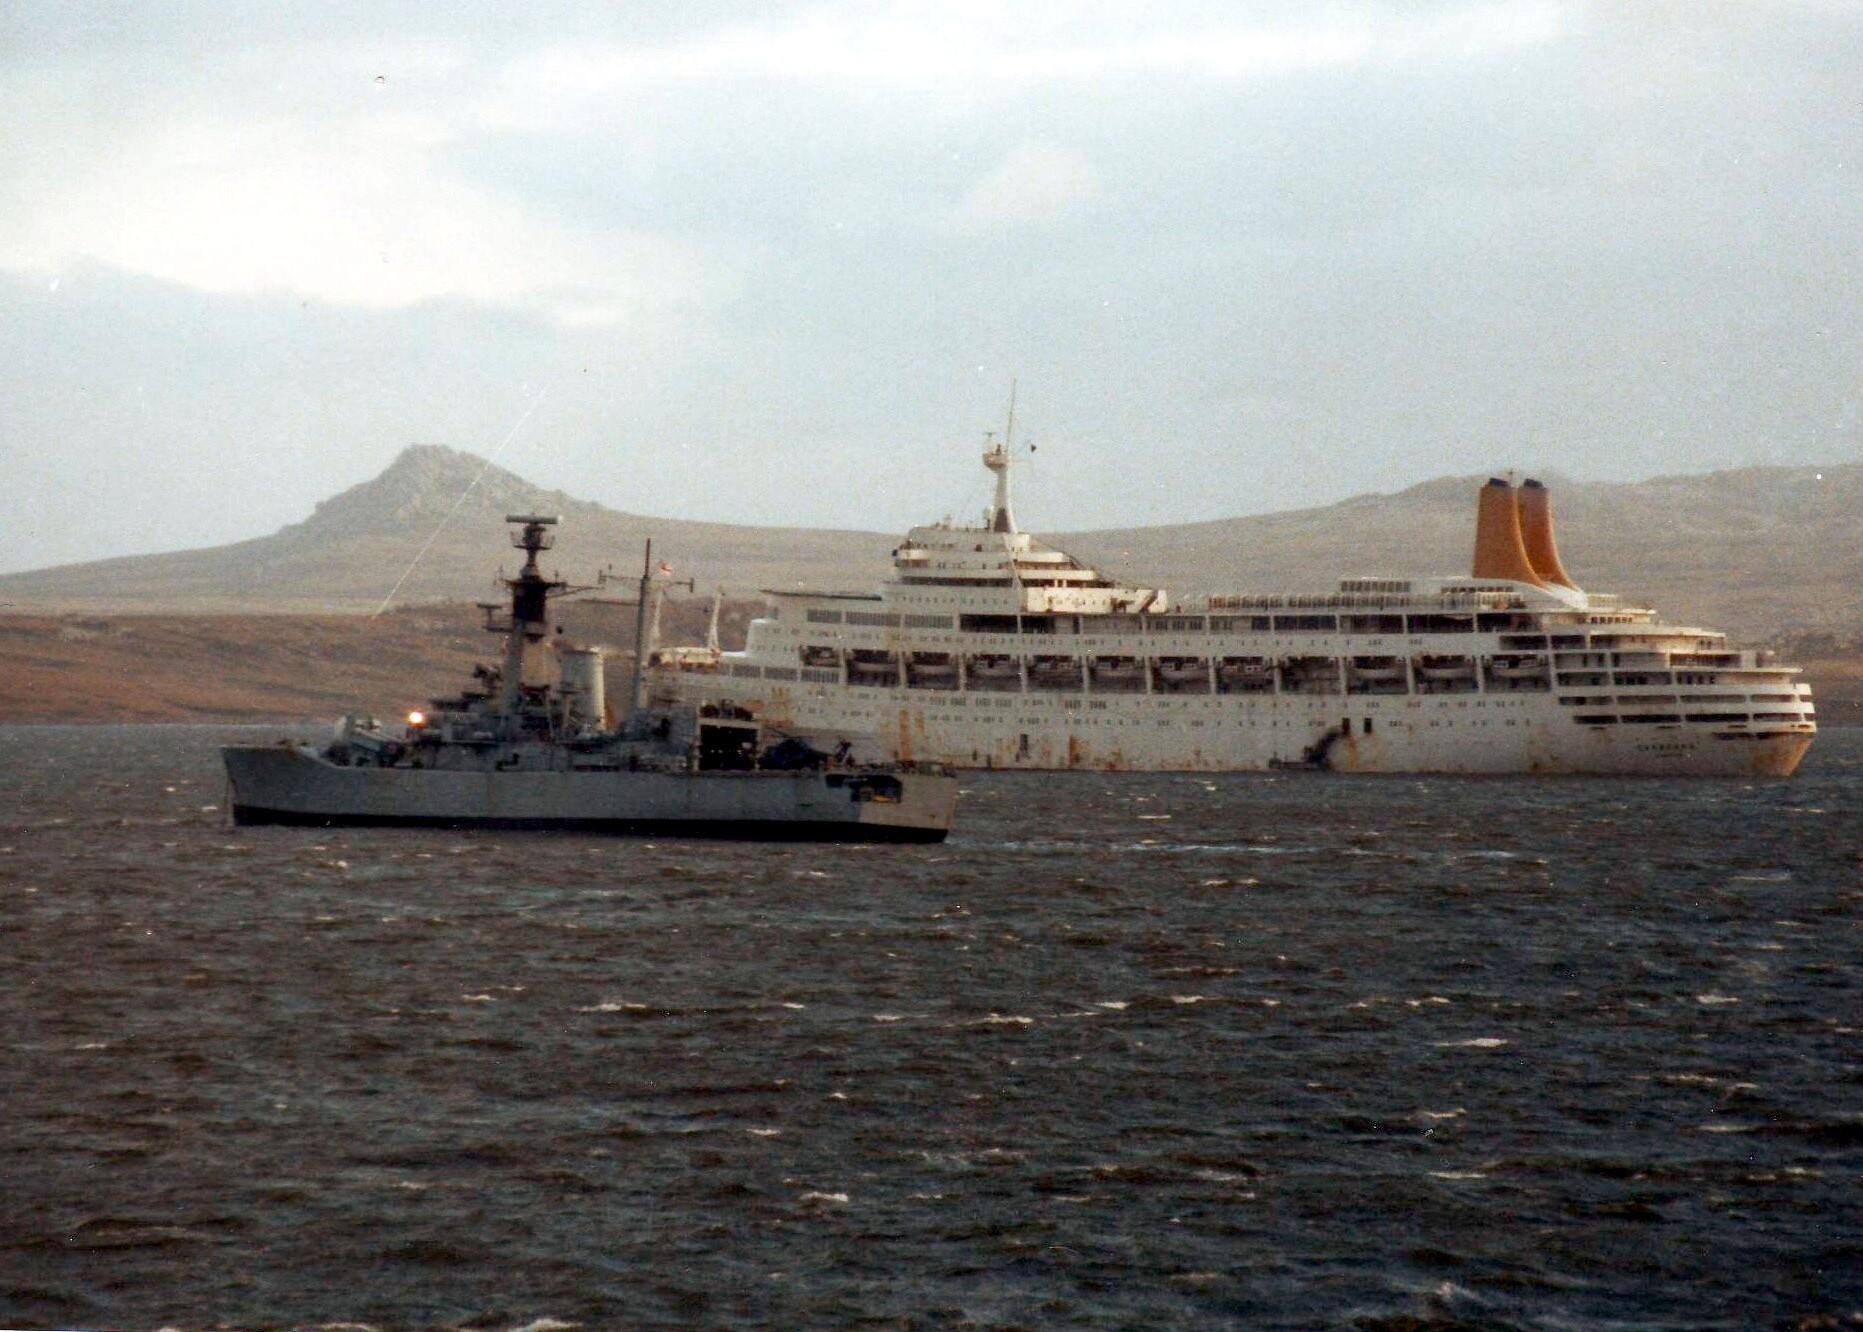 HMS Andromeda and Canberra off Port Stanley, Falkland Islands, just after the surrender of Argentine forces on June 14, 1982.